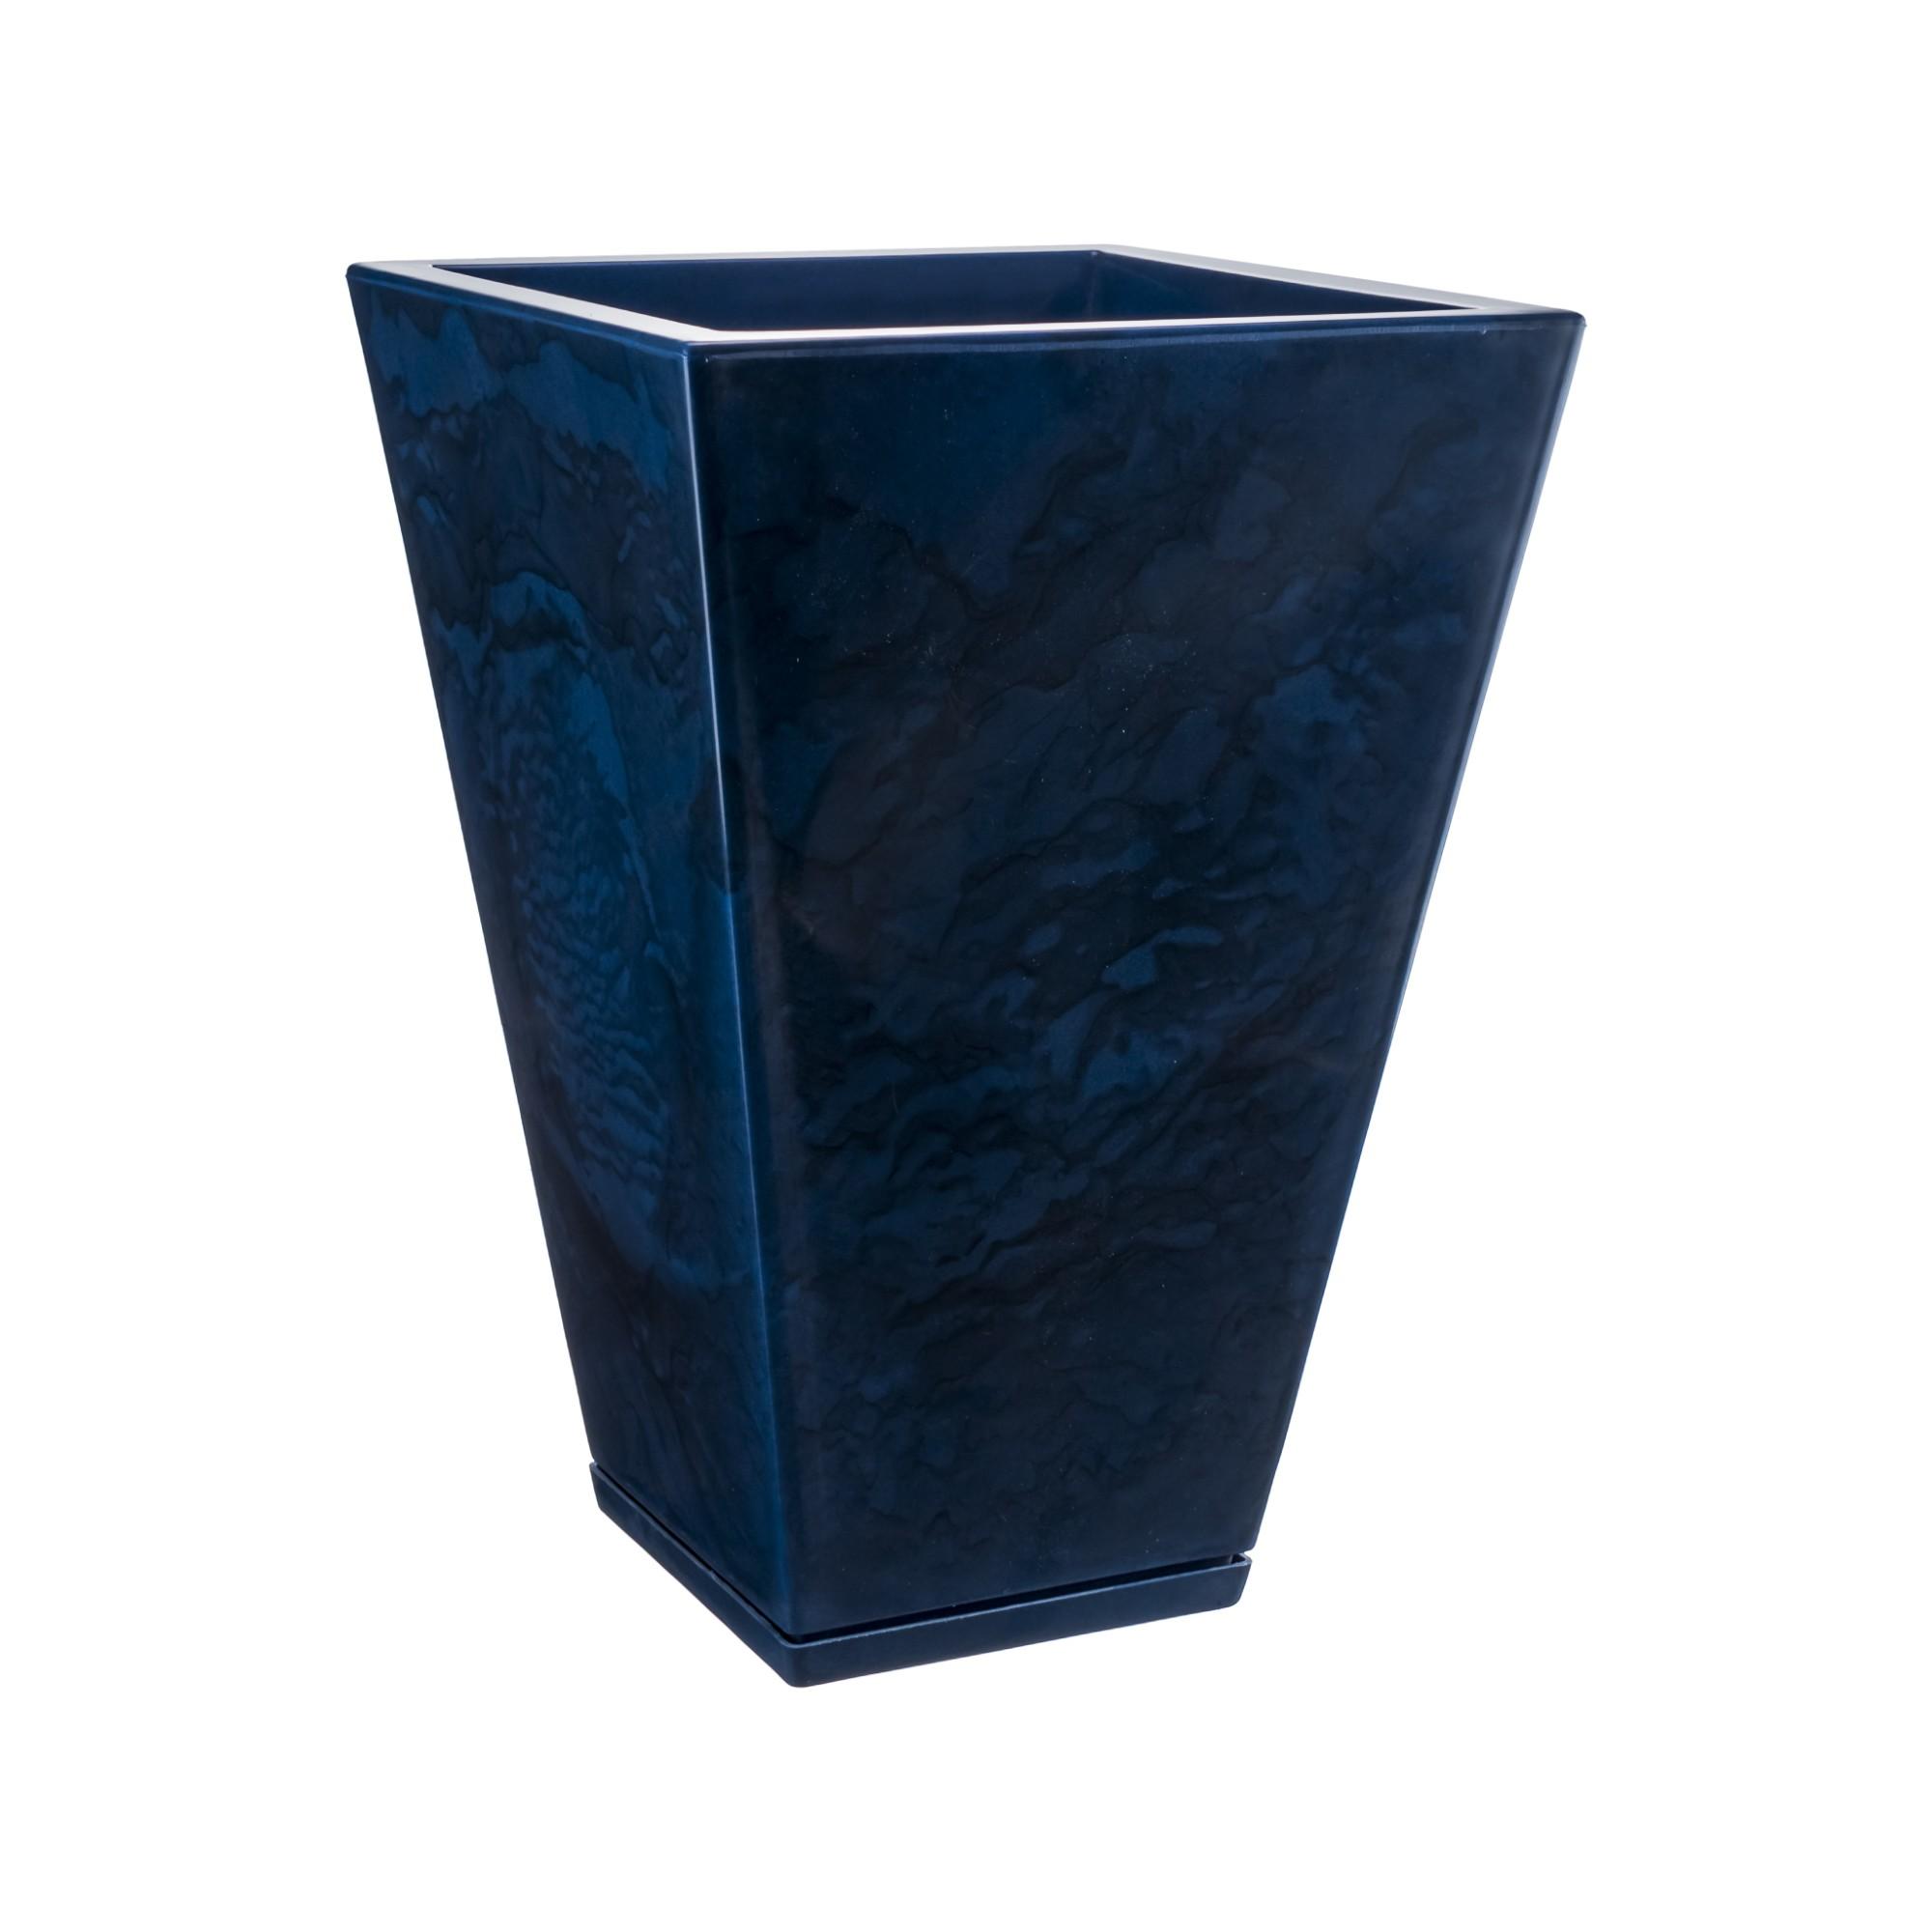 Vaso e Prato para Plantas Marmorato 55x38 cm Trapezio Azul escuro - Florids